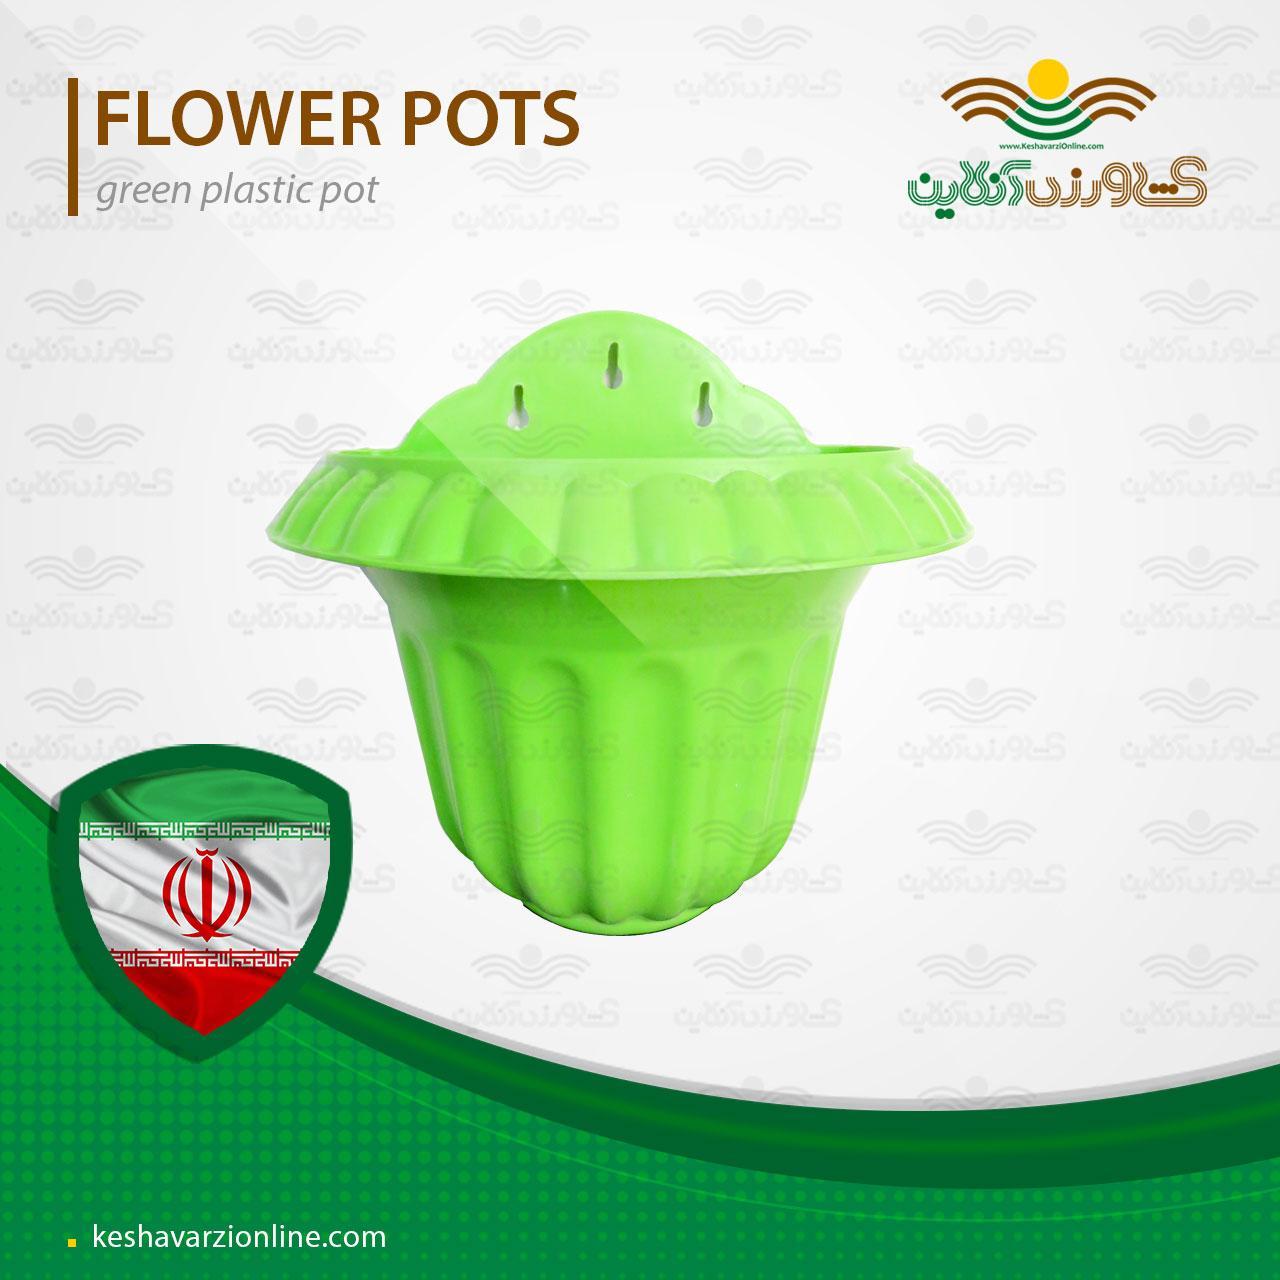 فروش گلدان دیواری پلاستیکی سبز